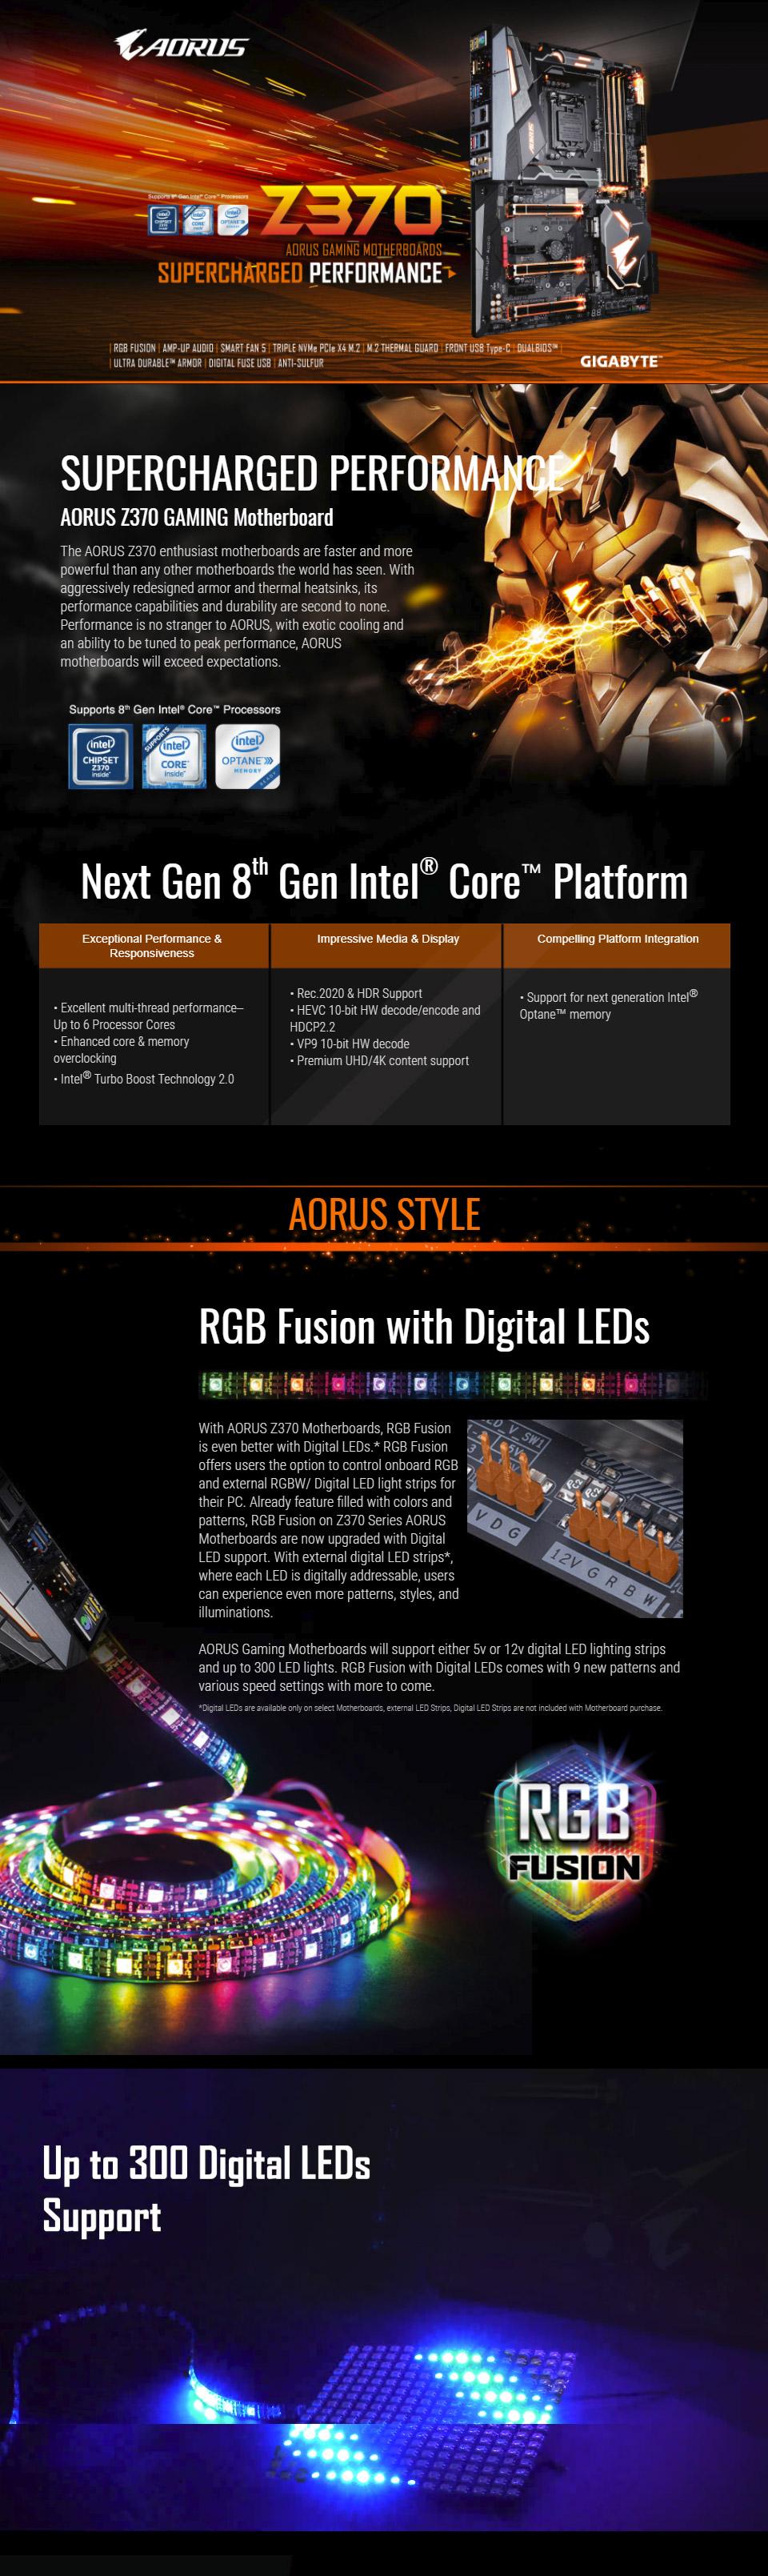 Gigabyte Z370 AORUS Gaming 7 Motherboard [GA-Z370-AORUS